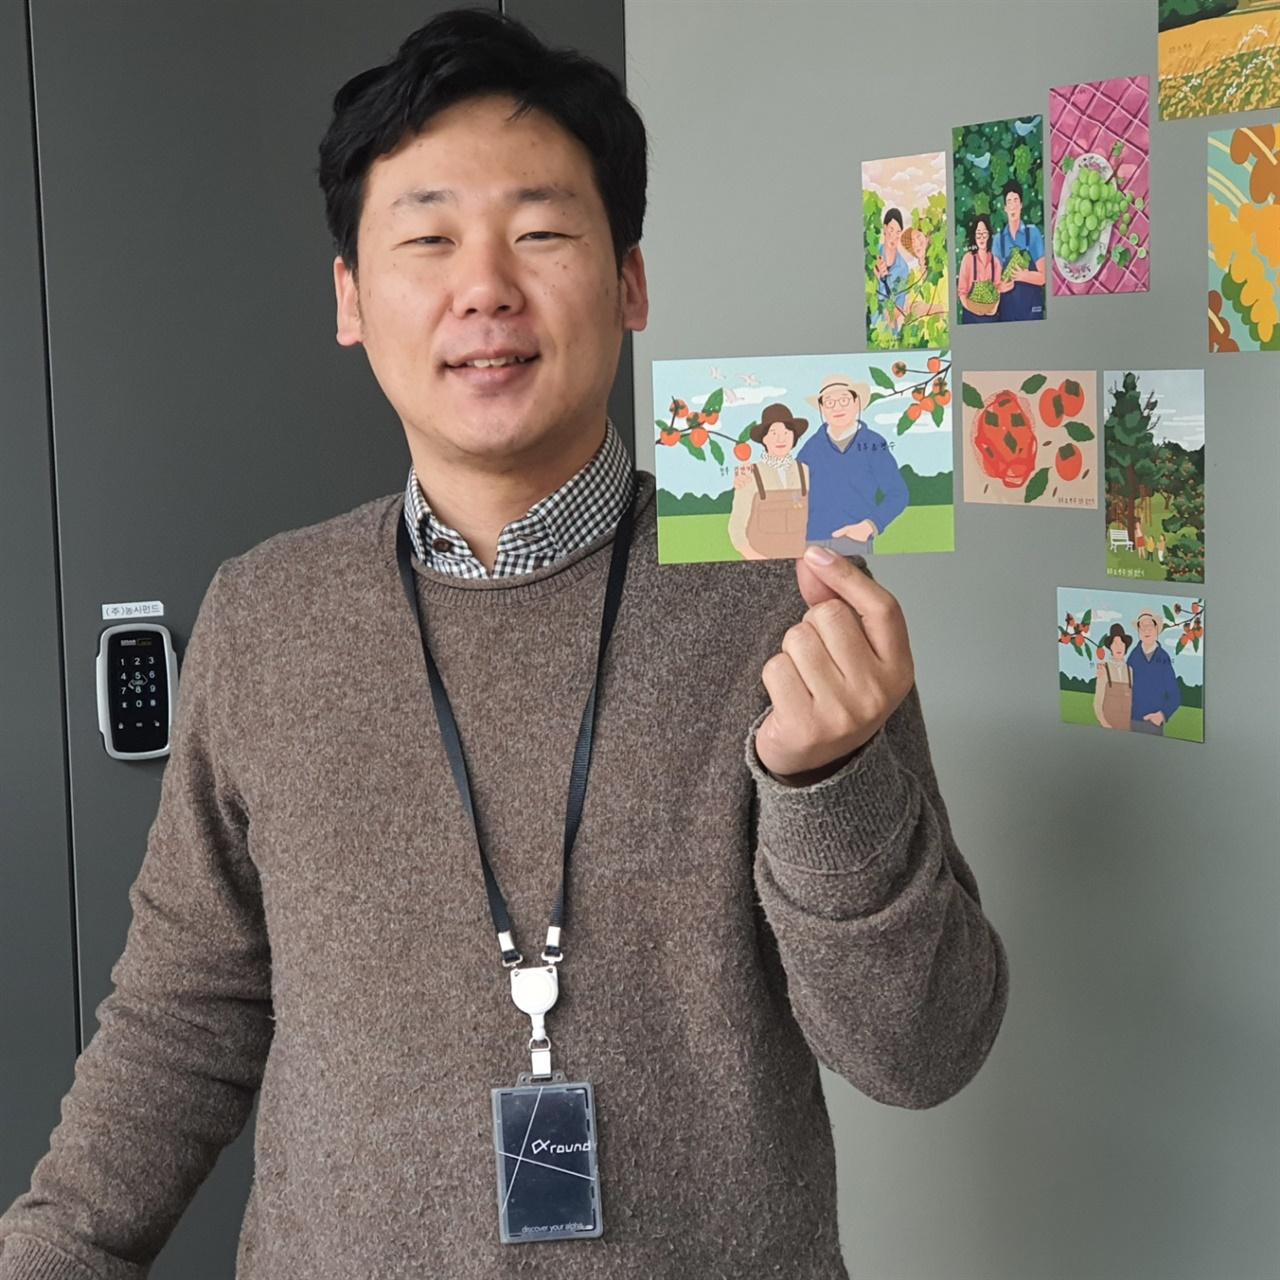 농사펀드 박종범 대표 인터뷰에 응하는 박종범 대표. 손에 들고 있는 그림 카드는 농사펀드와 (주)88후드라는 작가 집단과 공동으로 만든 그림달력 굿즈